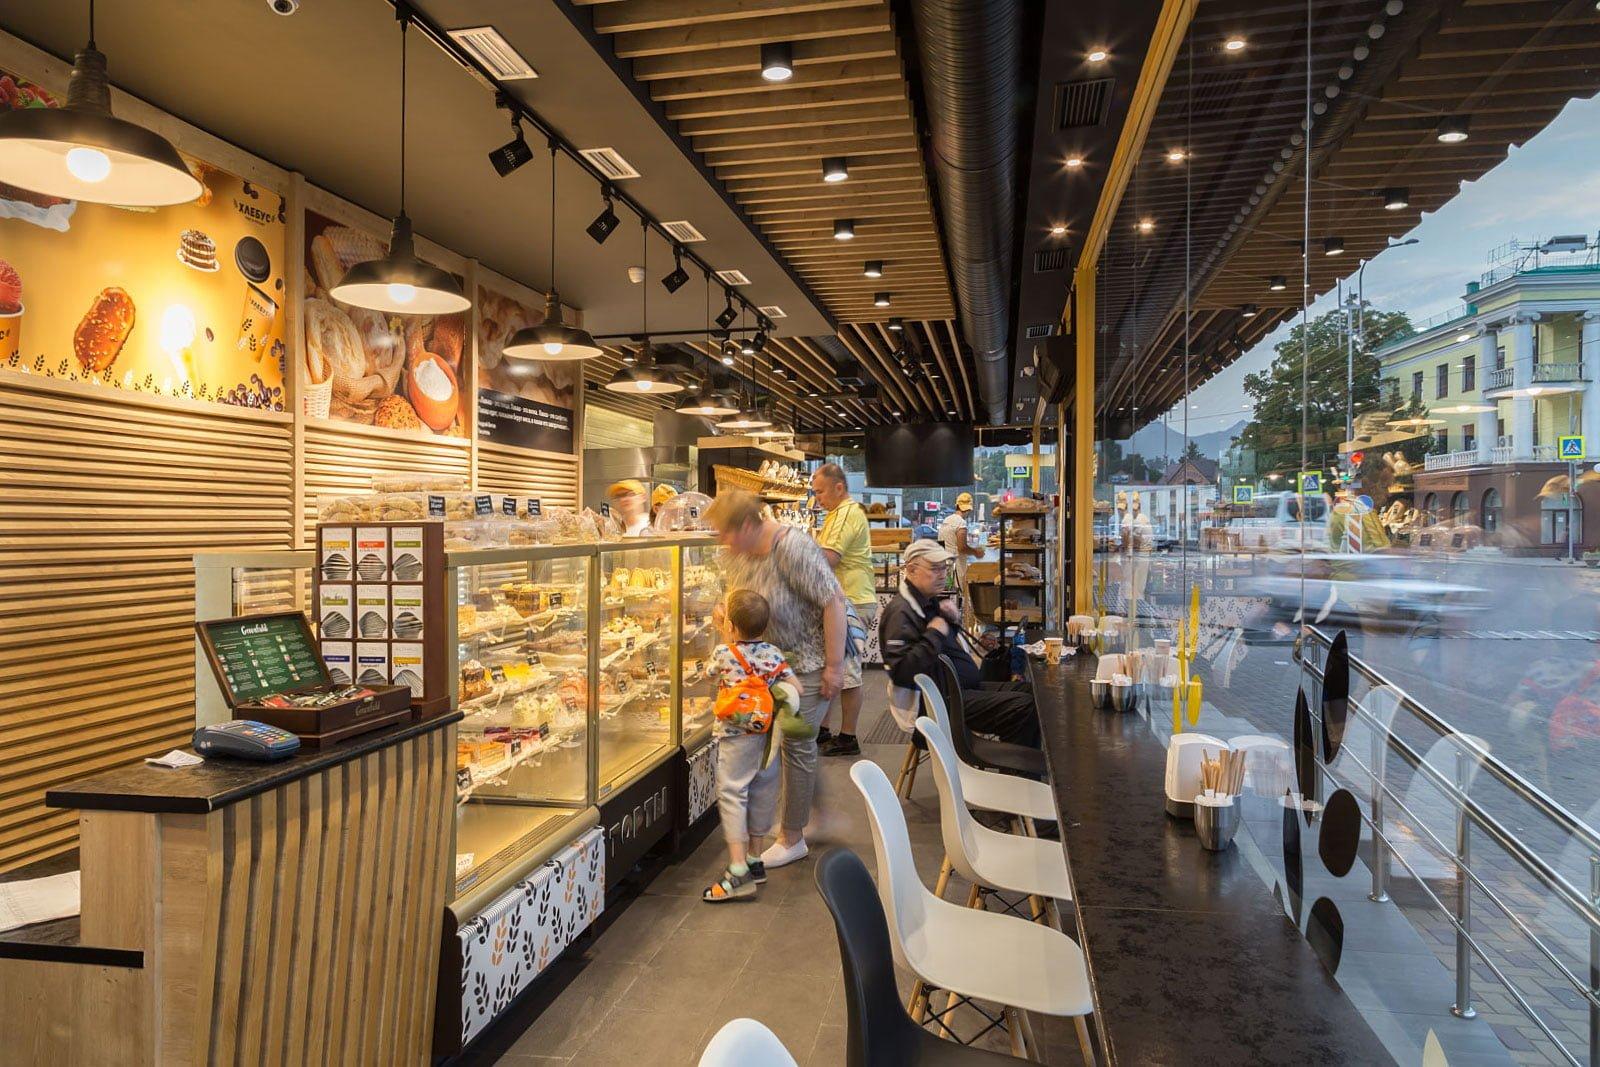 foto inter'yera torgovogo zala kafe v pekarne v moment obsluzhivaniya posetiteley